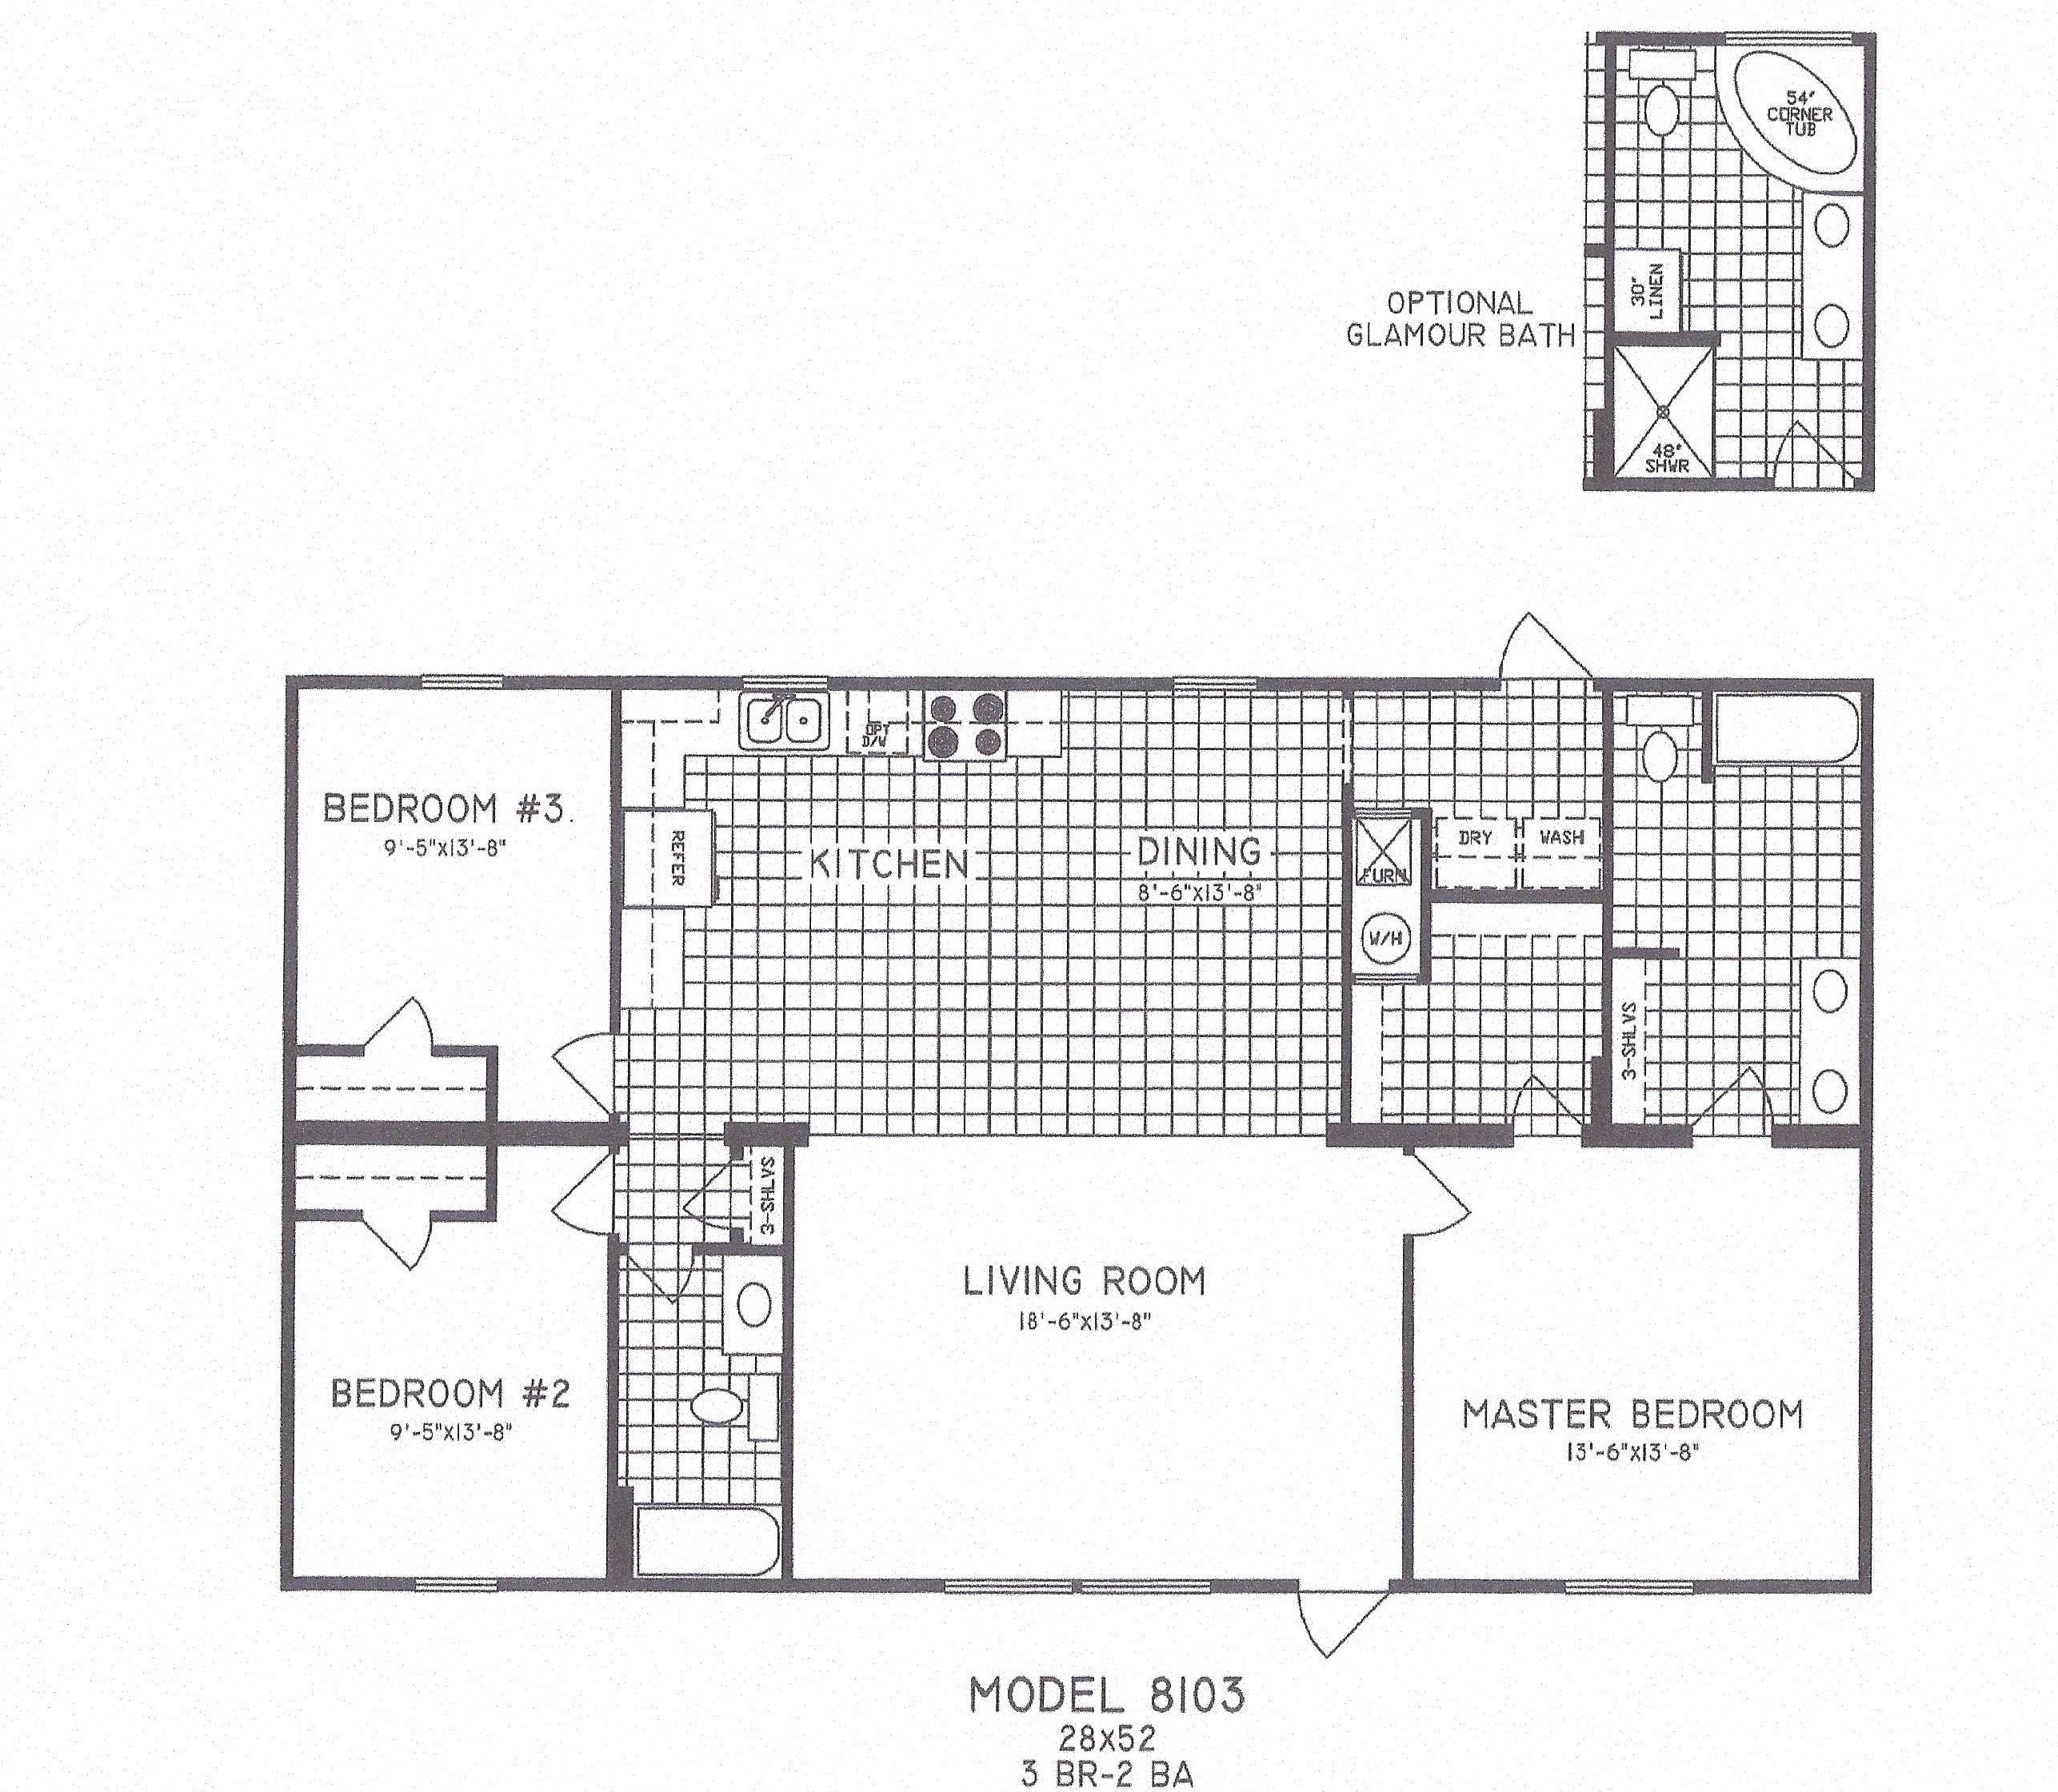 Three Bedroom Mobile Home Floor Plans: 3 Bedroom Floor Plan C-8103 - Hawks Homes